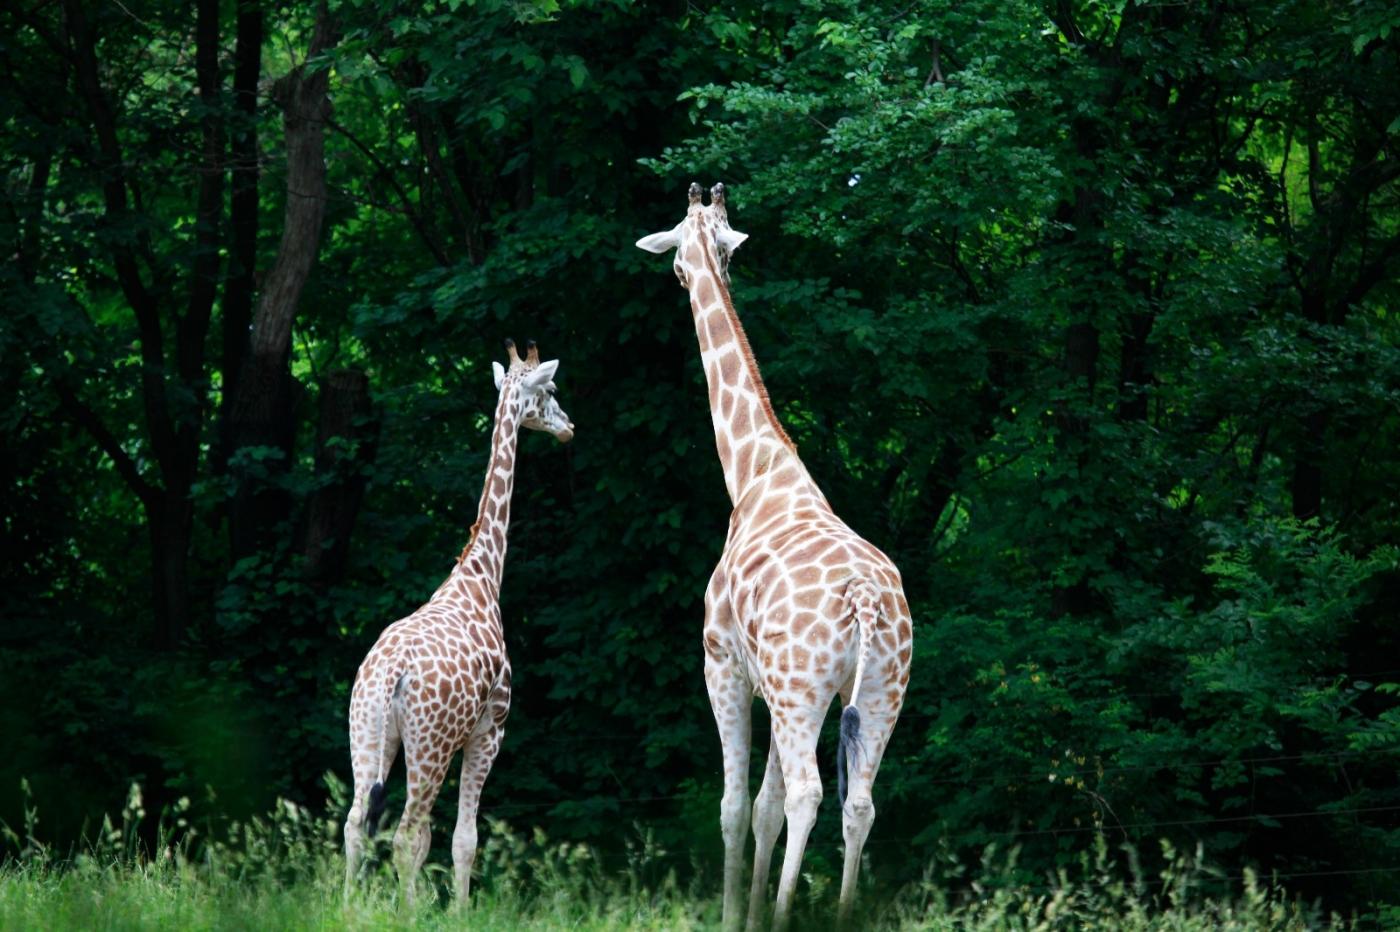 动物园花絮(摄于布朗士动物园,皇后区动物园)_图1-6